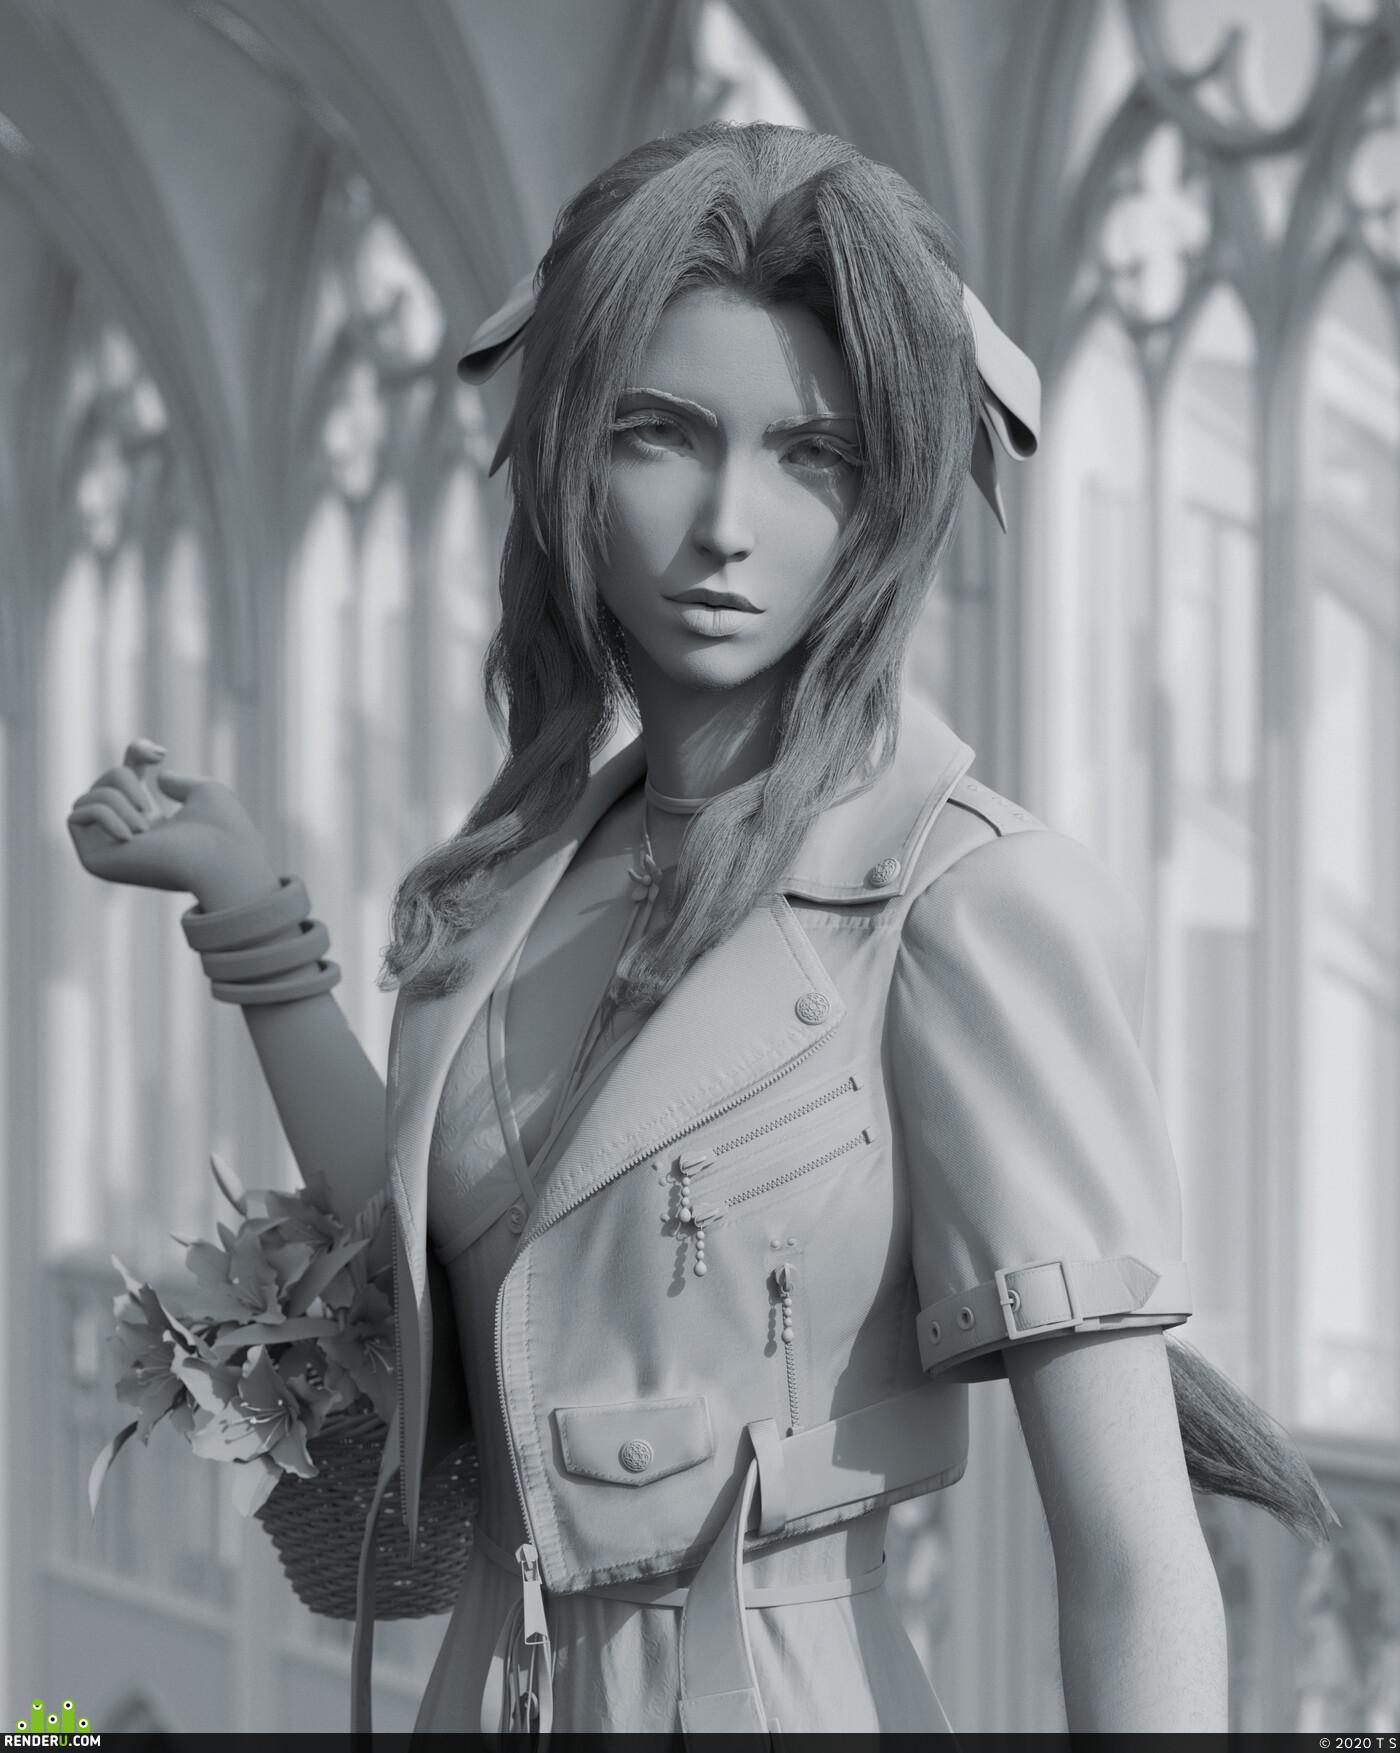 Aerith, final fantasy, Character, sculpt